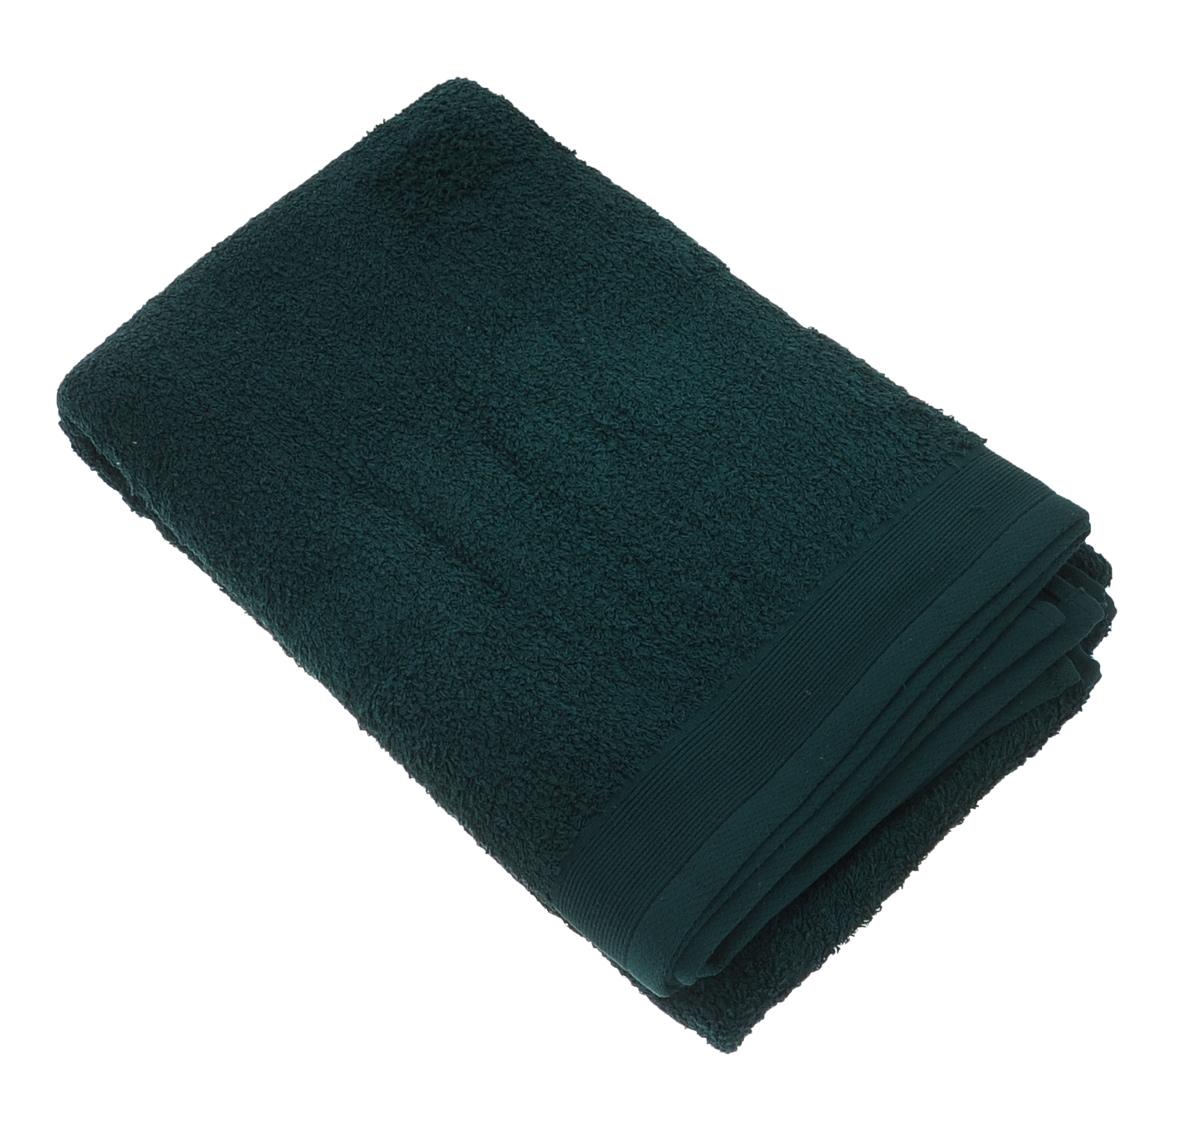 Полотенце махровое Guten Morgen, цвет: темно-зеленый, 100 х 150 смC0042416Махровое полотенце Guten Morgen, изготовленное из натурального хлопка, прекрасно впитывает влагу и быстро сохнет. Высокая плотность ткани делает полотенце мягкими, прочными и пушистыми. При соблюдении рекомендаций по уходу изделие сохраняет яркость цвета и не теряет форму даже после многократных стирок. Махровое полотенце Guten Morgen станет достойным выбором для вас и приятным подарком для ваших близких. Мягкость и высокое качество материала, из которого изготовлено полотенце, не оставит вас равнодушными.